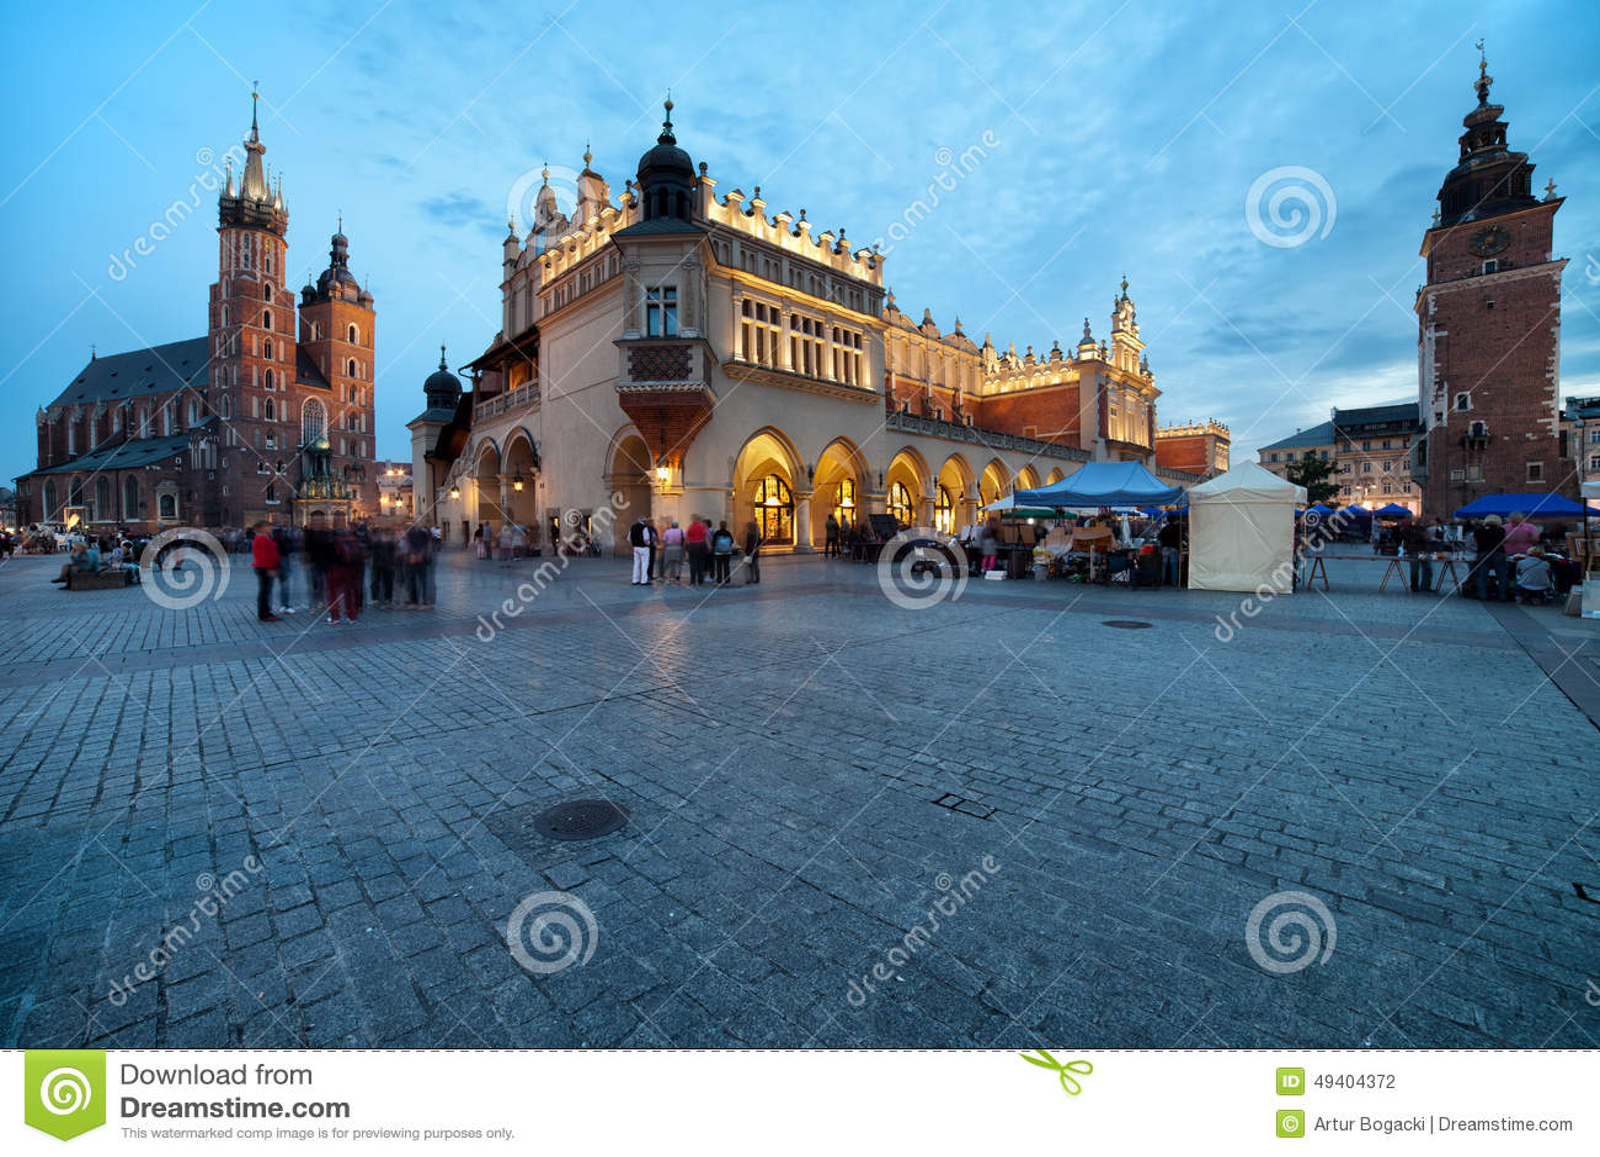 Download Hauptplatz In Der Alten Stadt Von Krakau In Polen An Der Dämmerung Stockfoto - Bild von grenzstein, tuch: 49404372